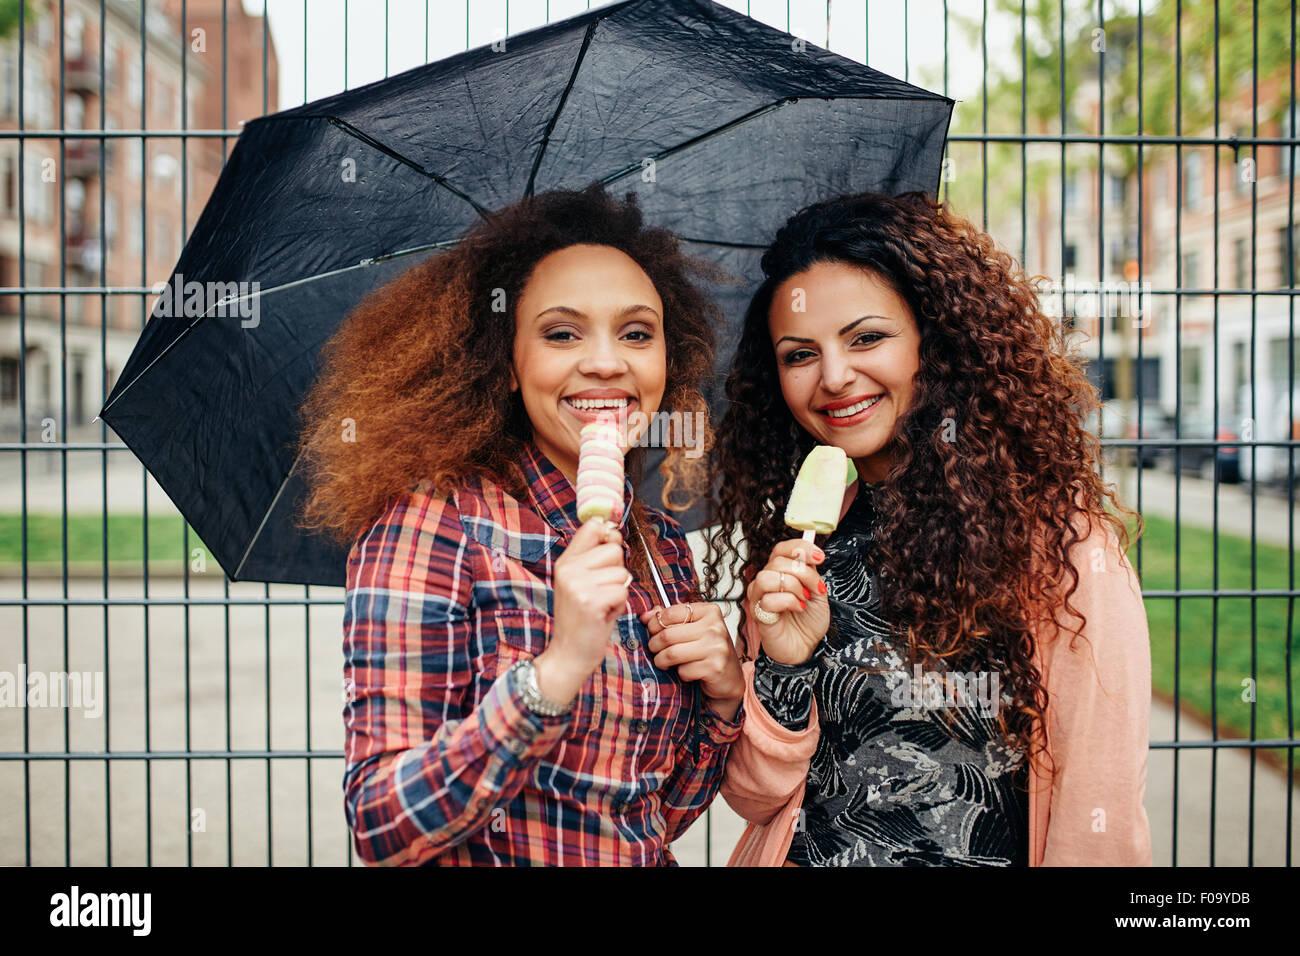 Portrait de deux jeunes femmes debout sous égide de manger une glace. Happy young female friends outdoor. Photo Stock